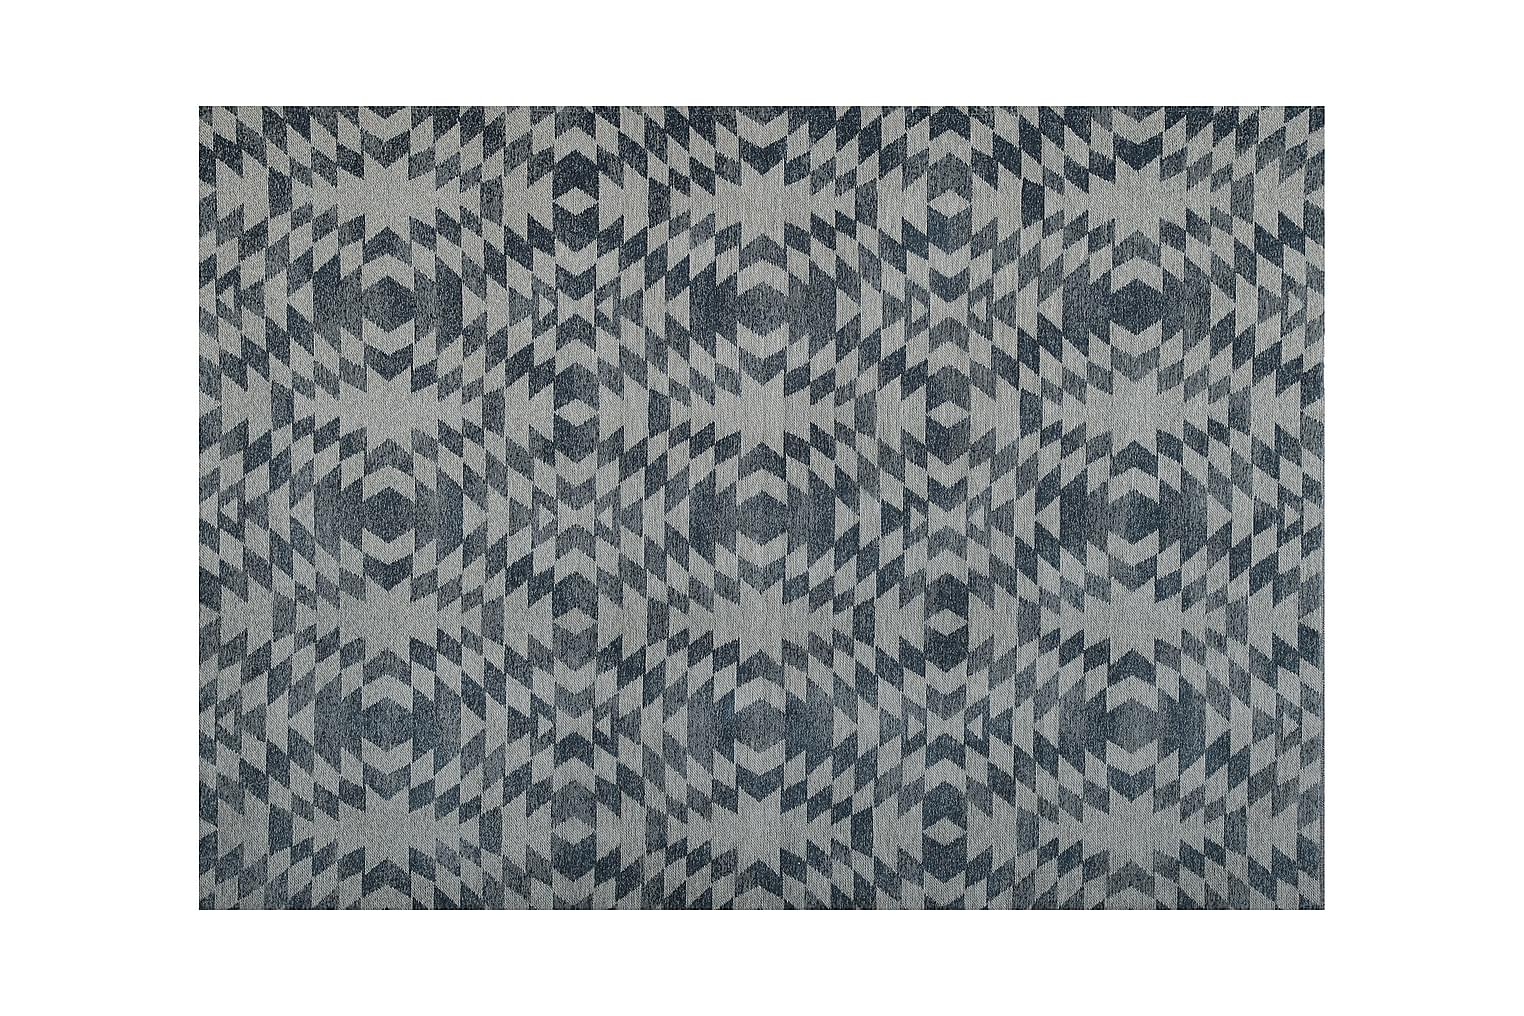 PANAMA Matto 135x190 Sininen